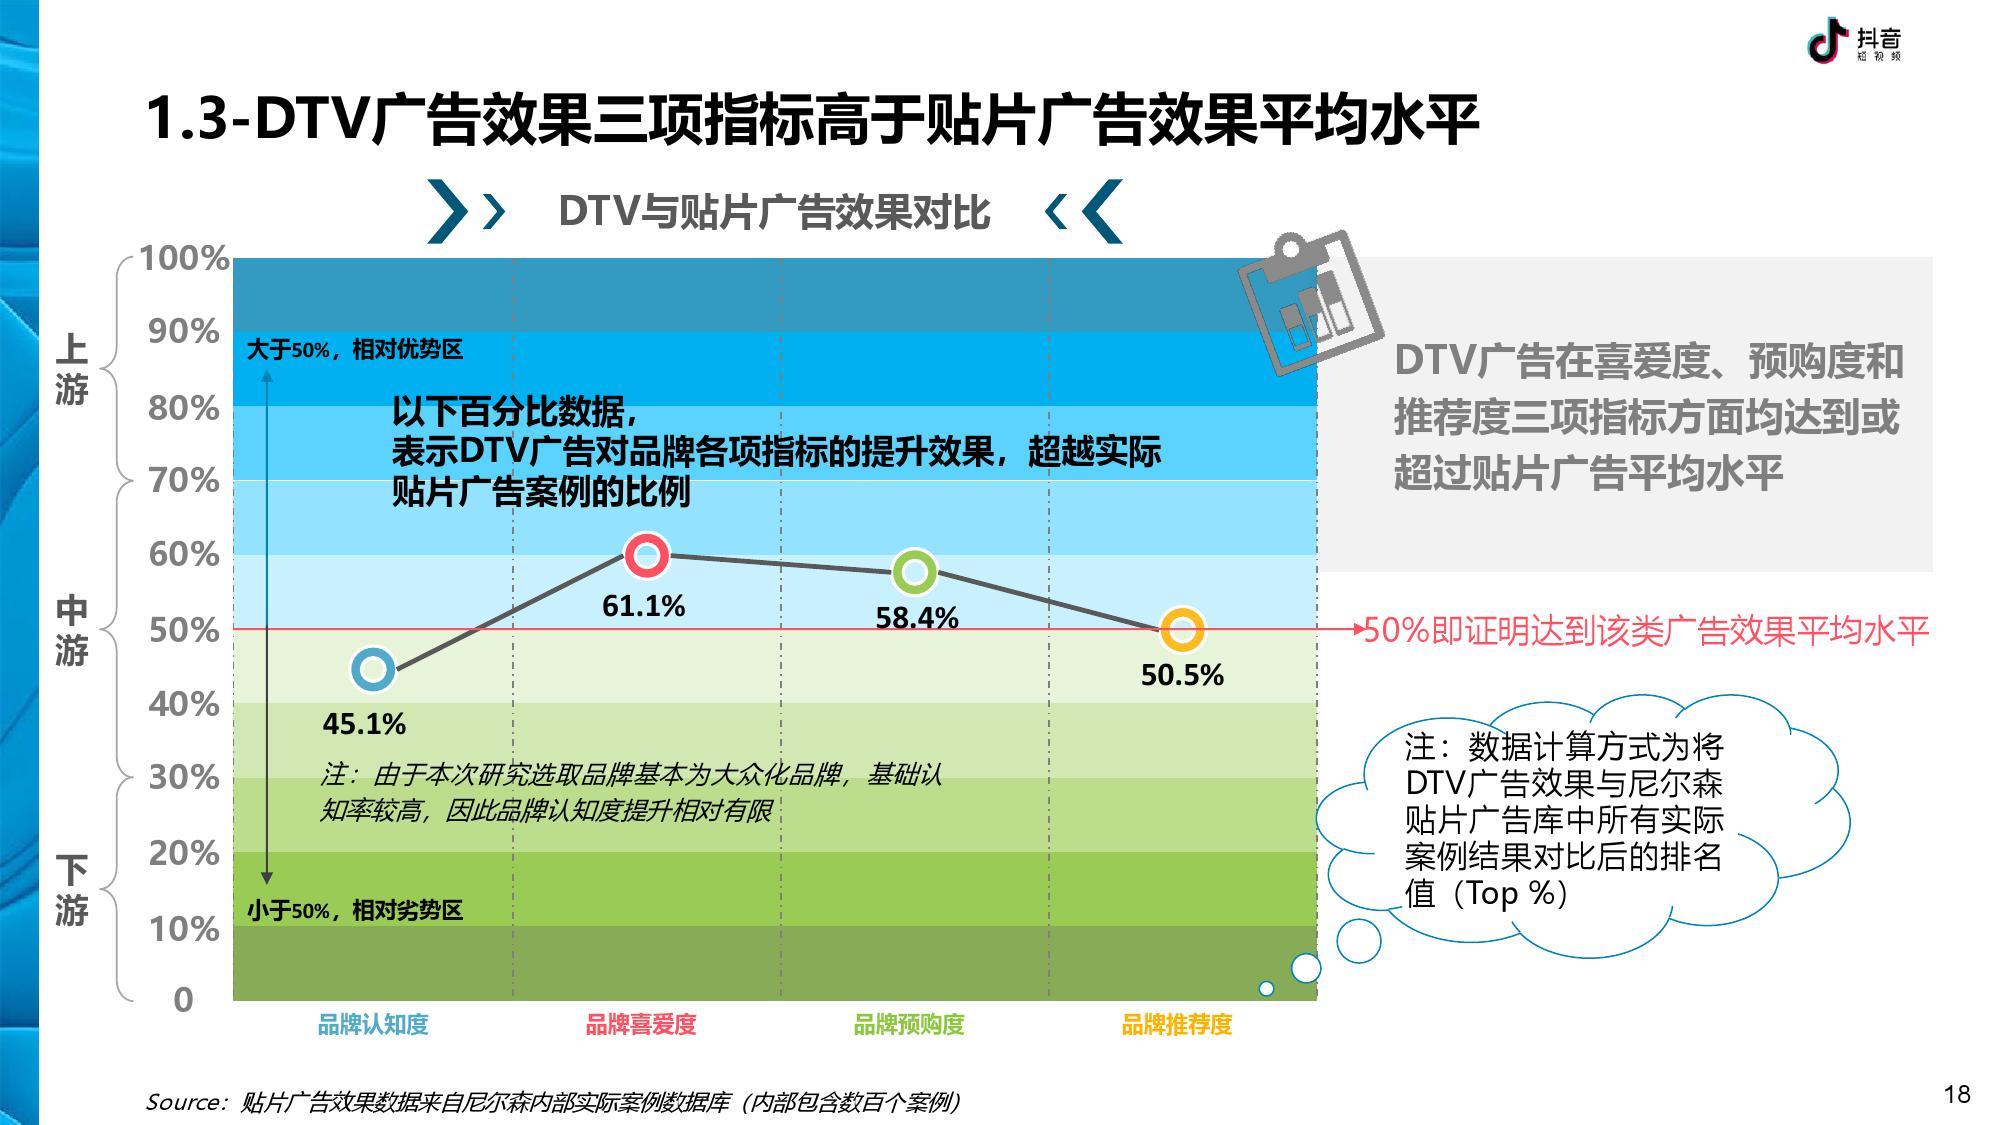 抖音 DTV 广告营销价值白皮书-CNMOAD 中文移动营销资讯 18